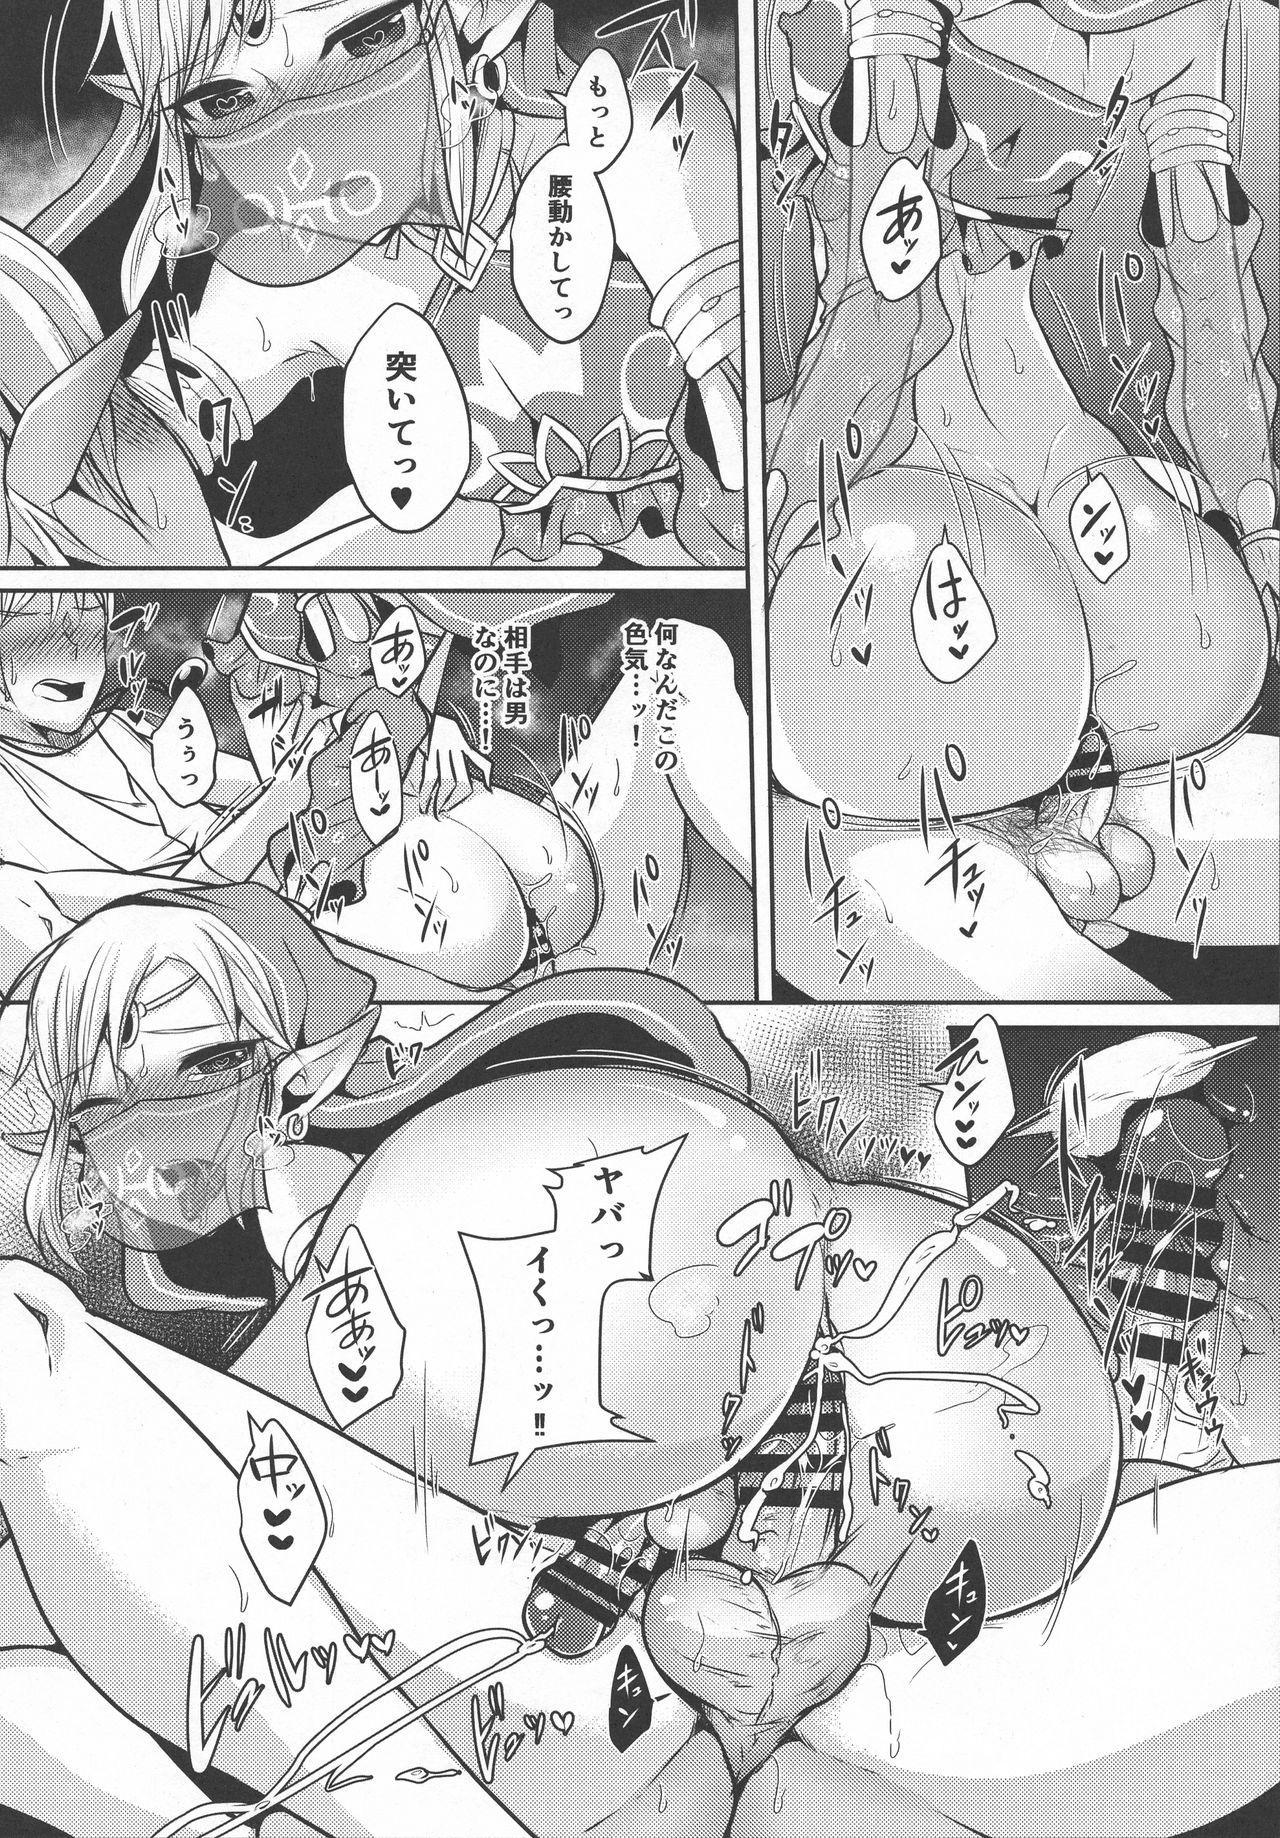 Yuuwaku no Akaitsuki to Futari no Himitsu 7